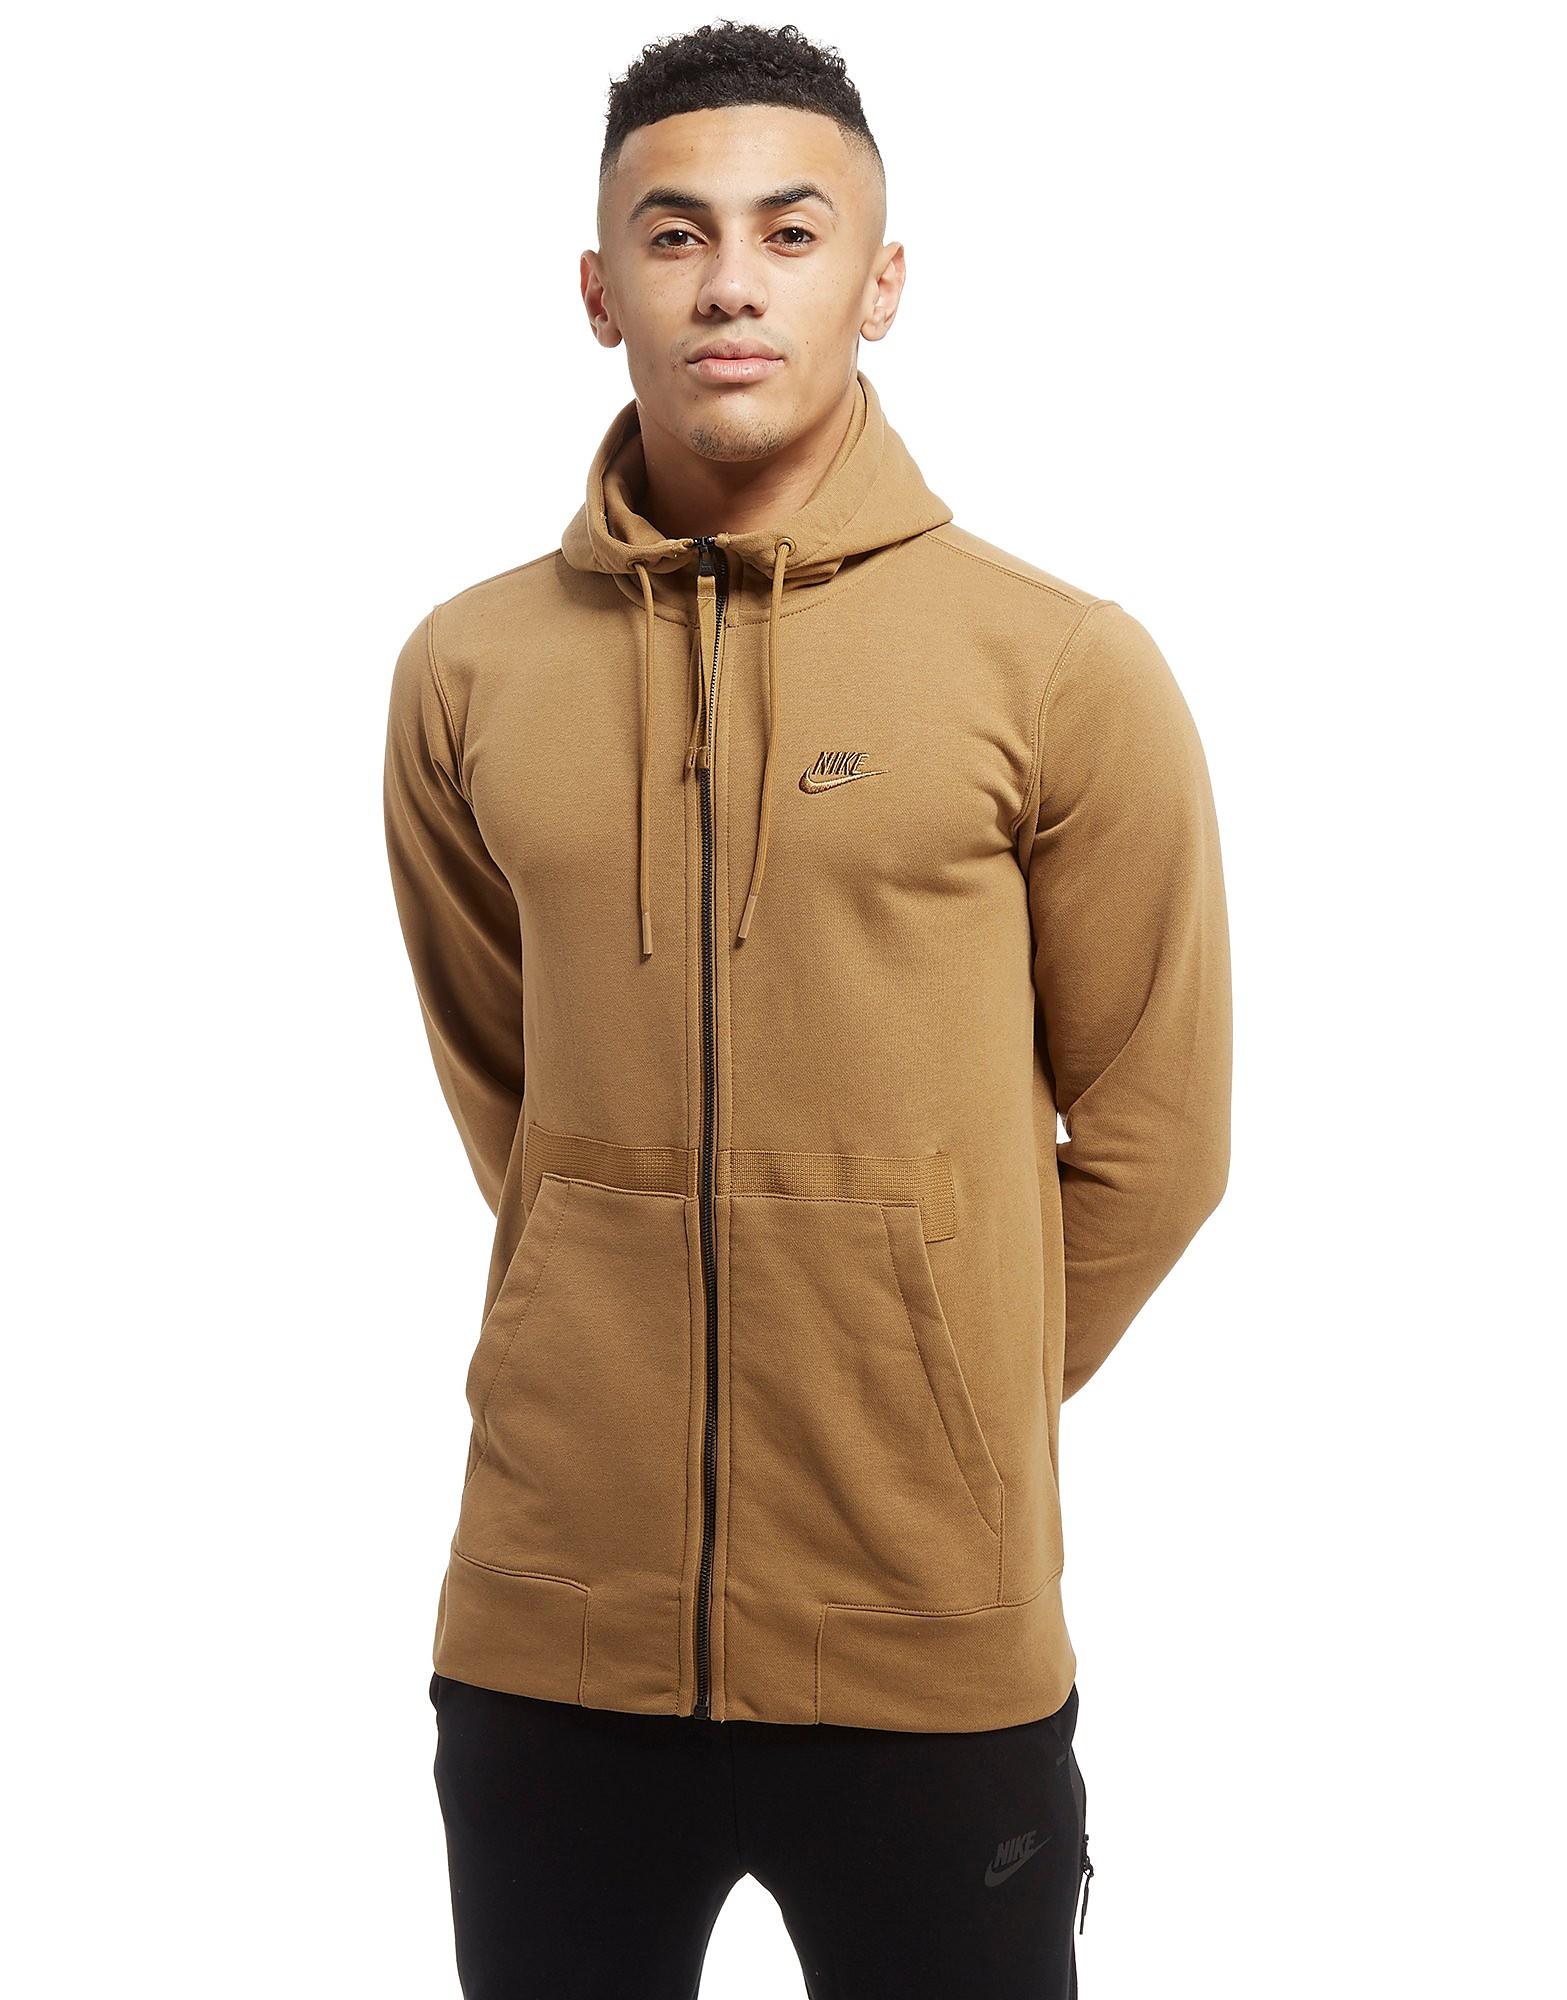 Nike Air Force 1 chaqueta con capucha